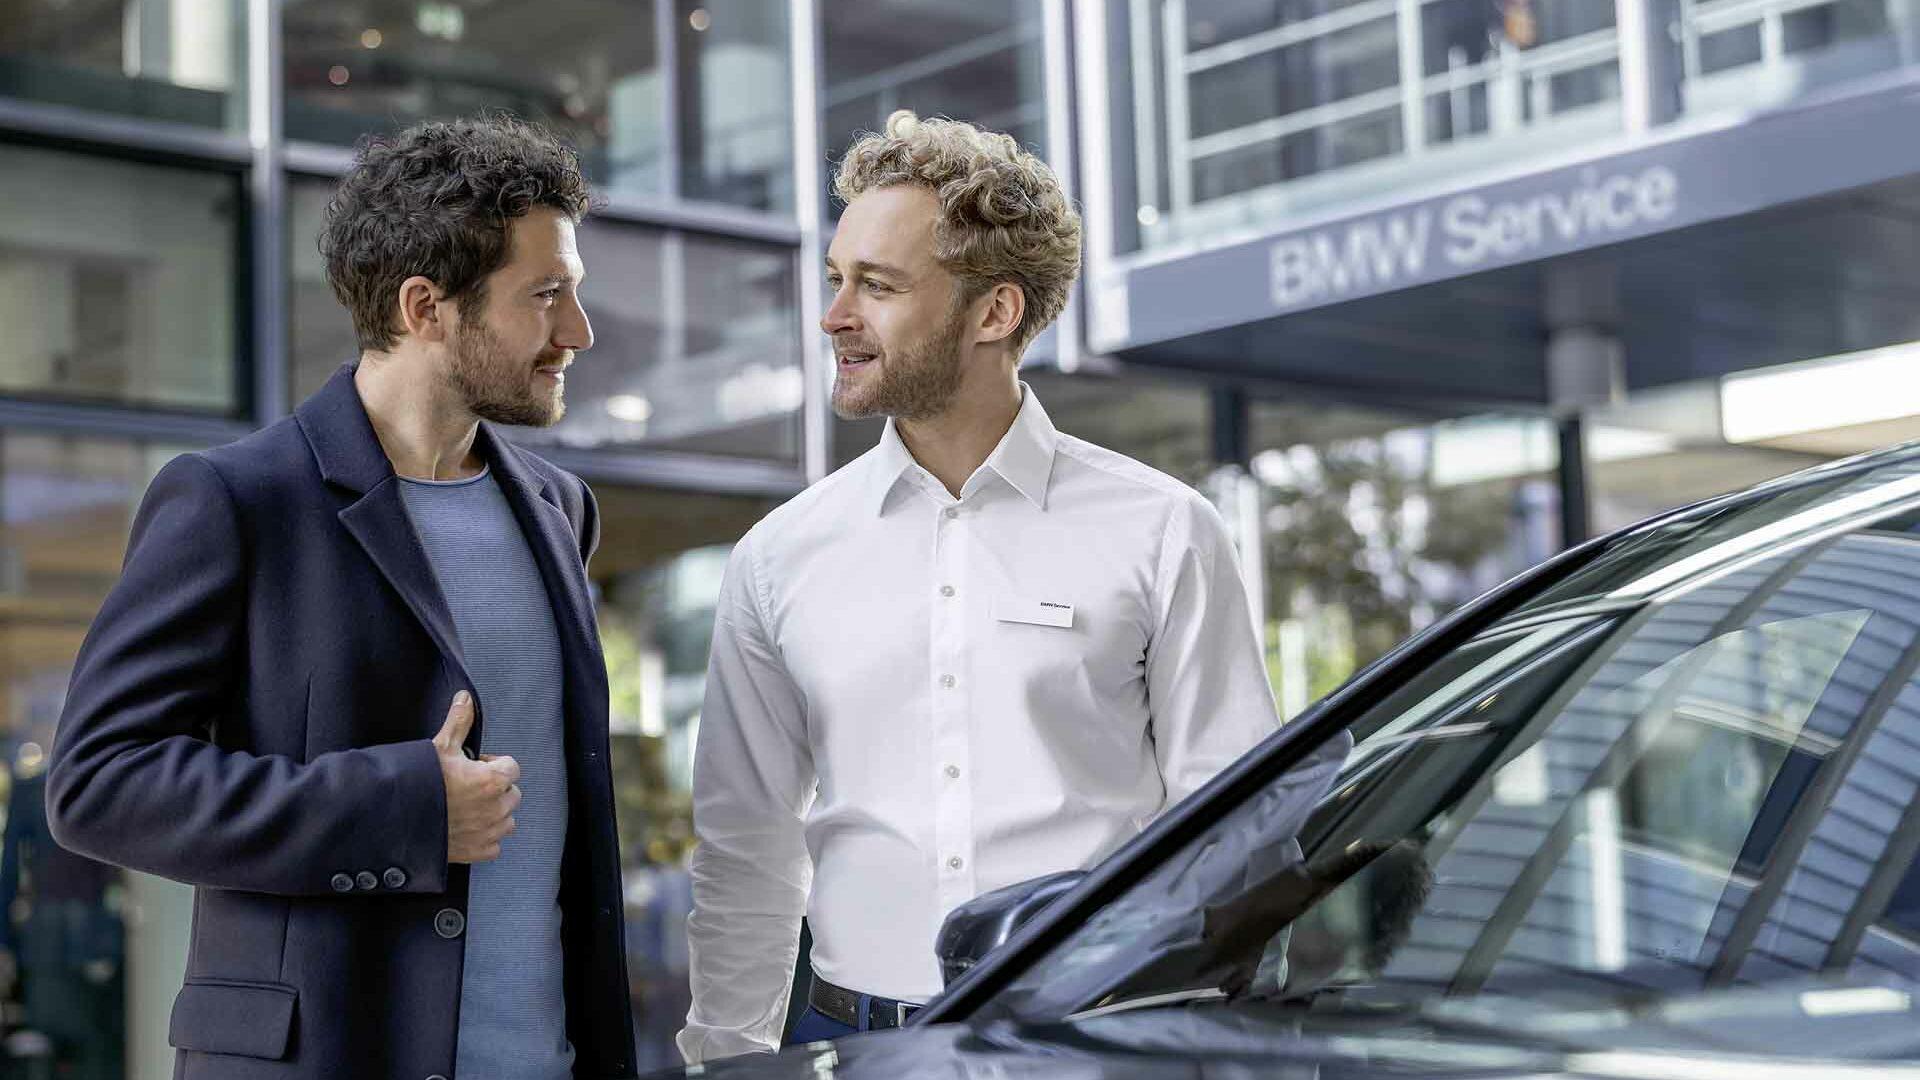 BMW Service Felix Bottrop